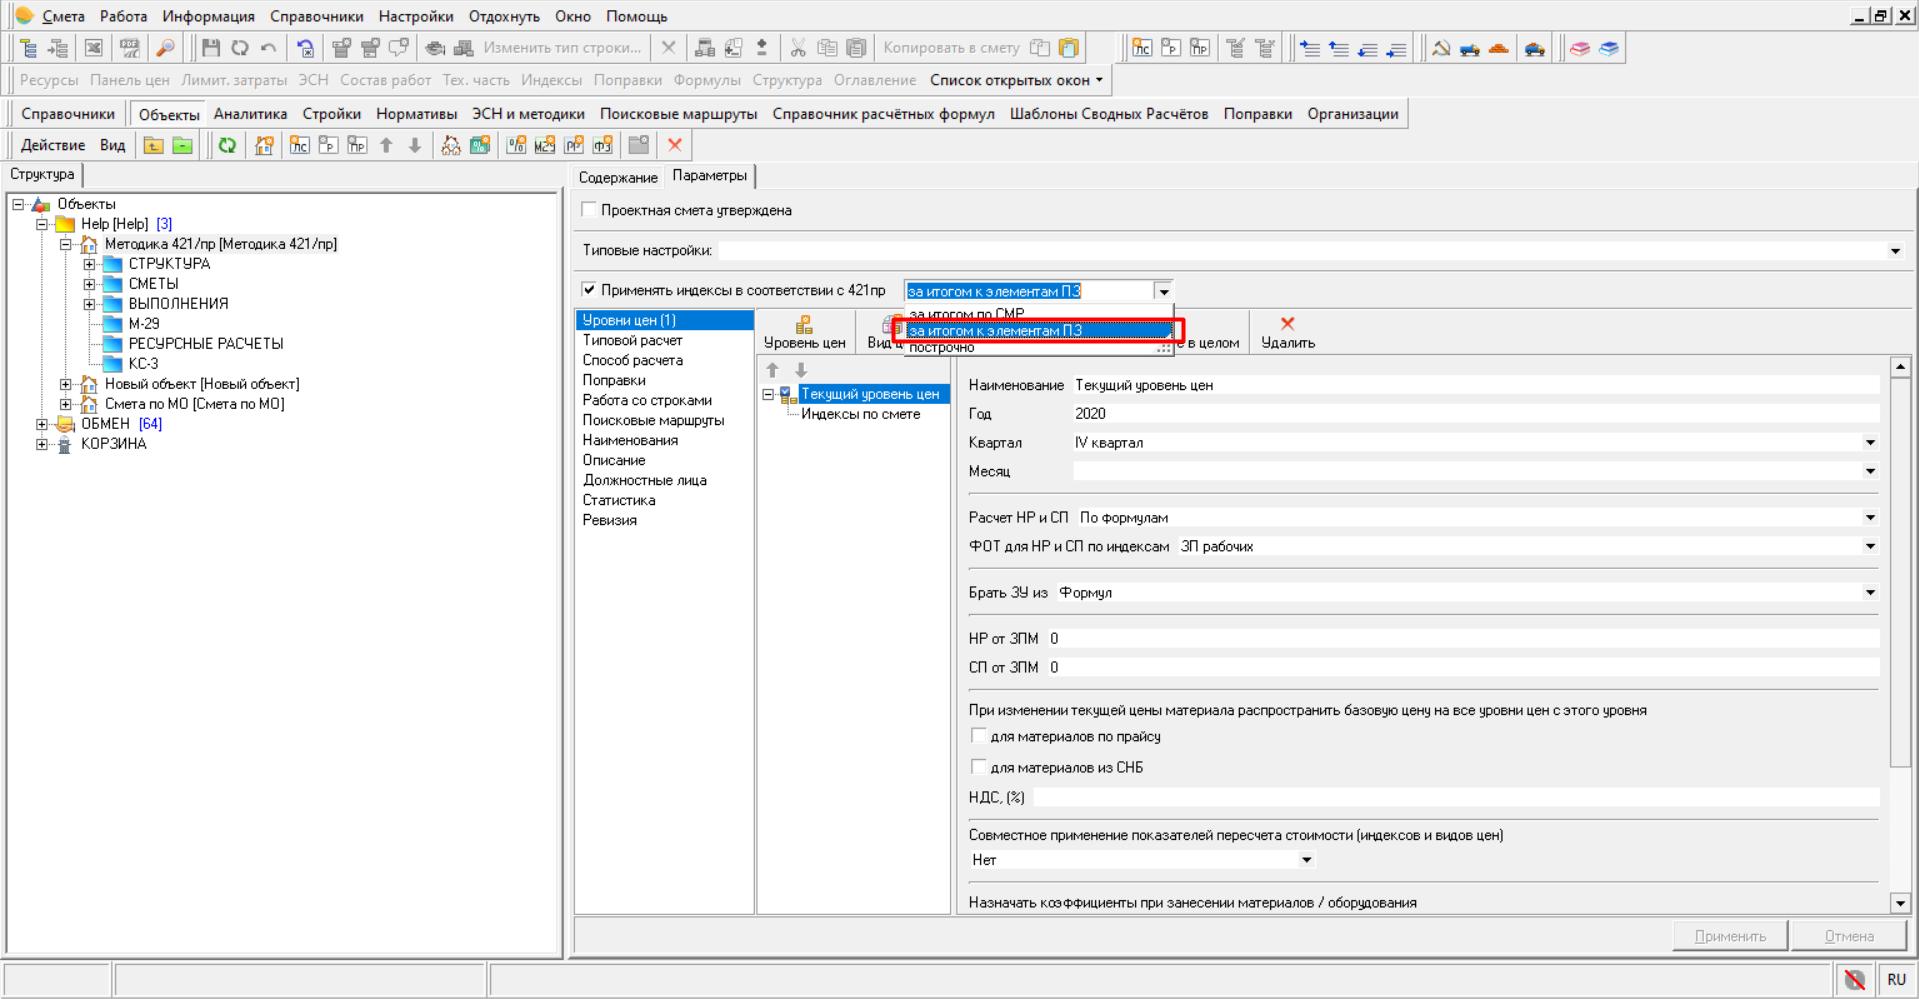 Параметры объекта - Применять индексы в соответствии с 421пр - за итогом к элементам ПЗ